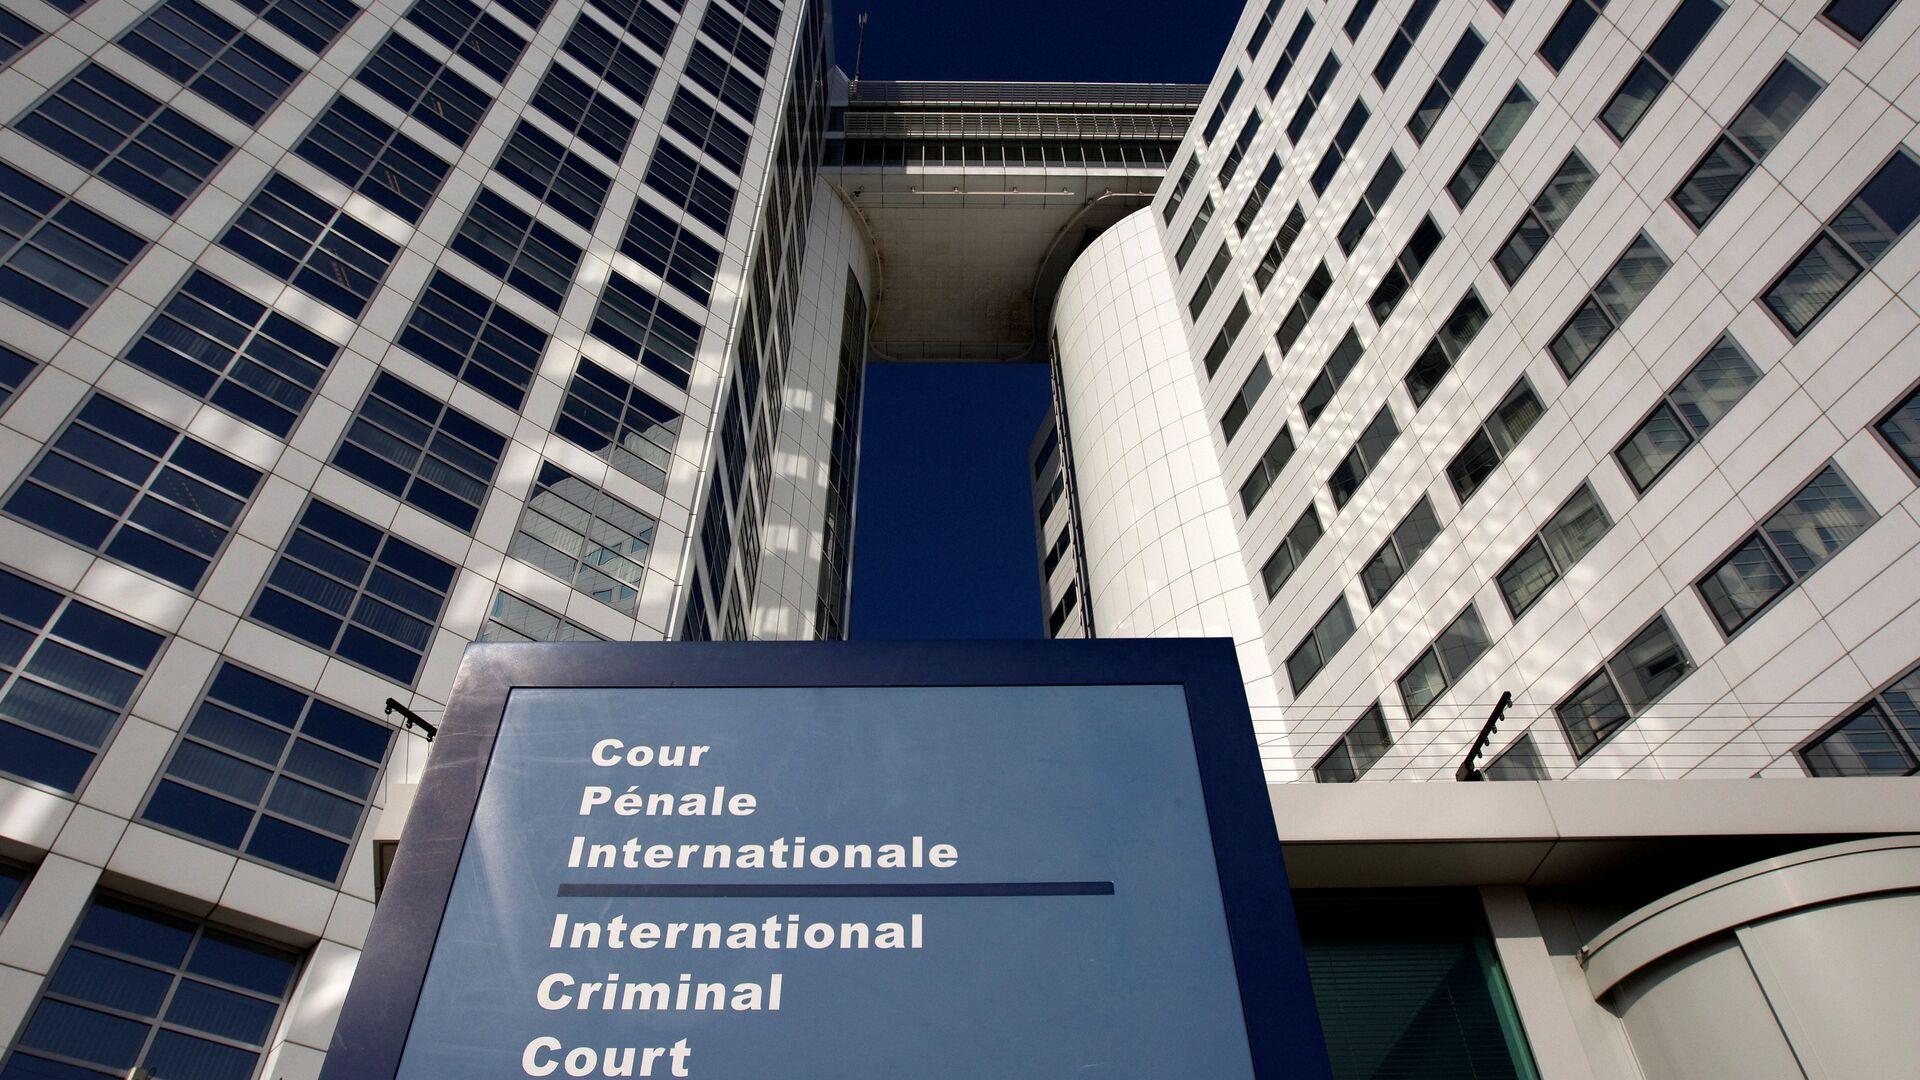 Das Gebäude des Internationalen Strafgerichtshofes in Den Haag - Sputnik Česká republika, 1920, 26.08.2021